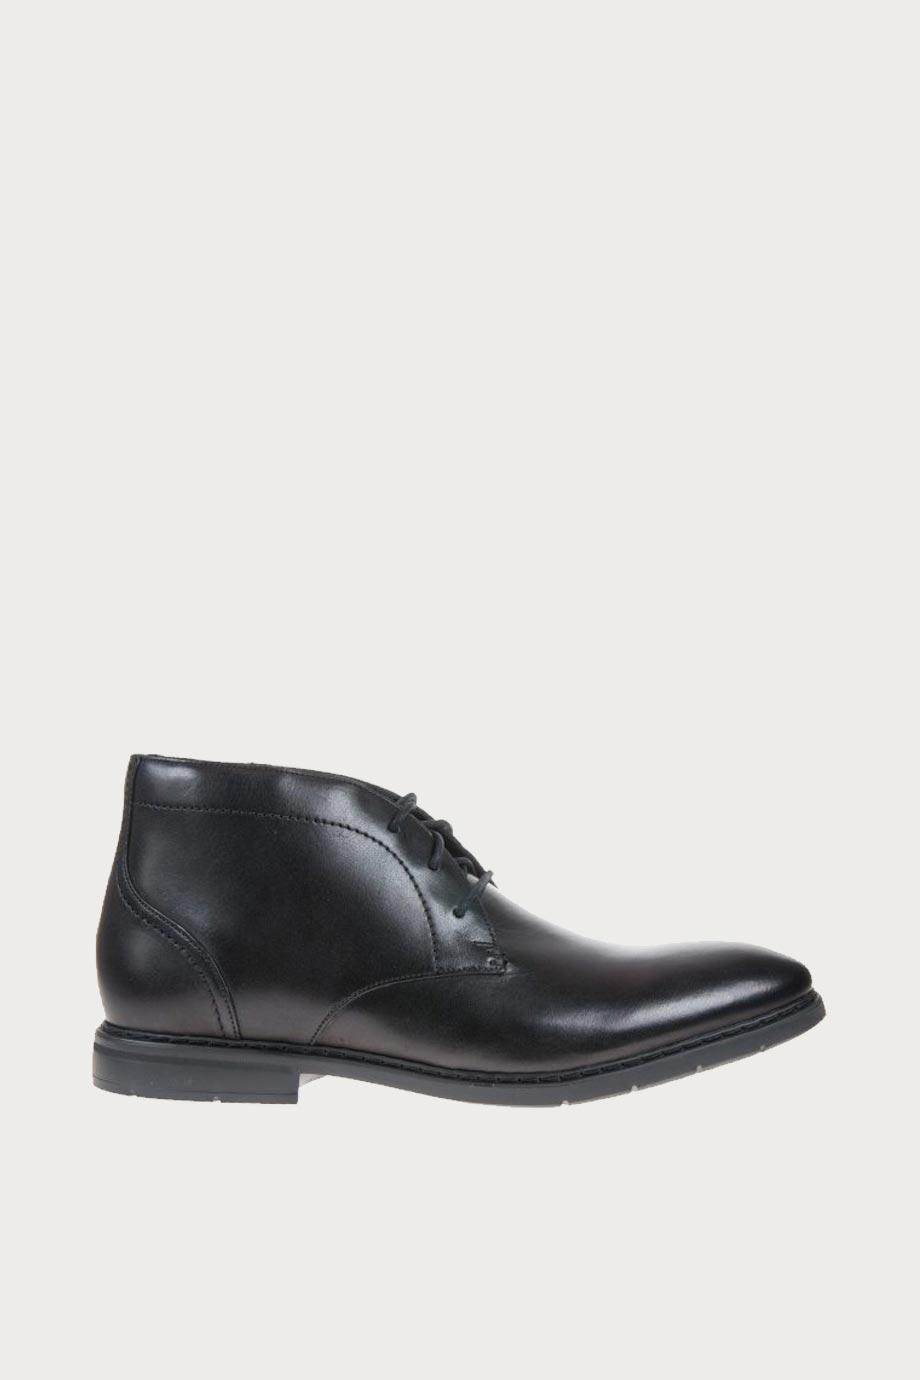 spiridoula metheniti shoes xalkida p banbury mid black leather clarks 3